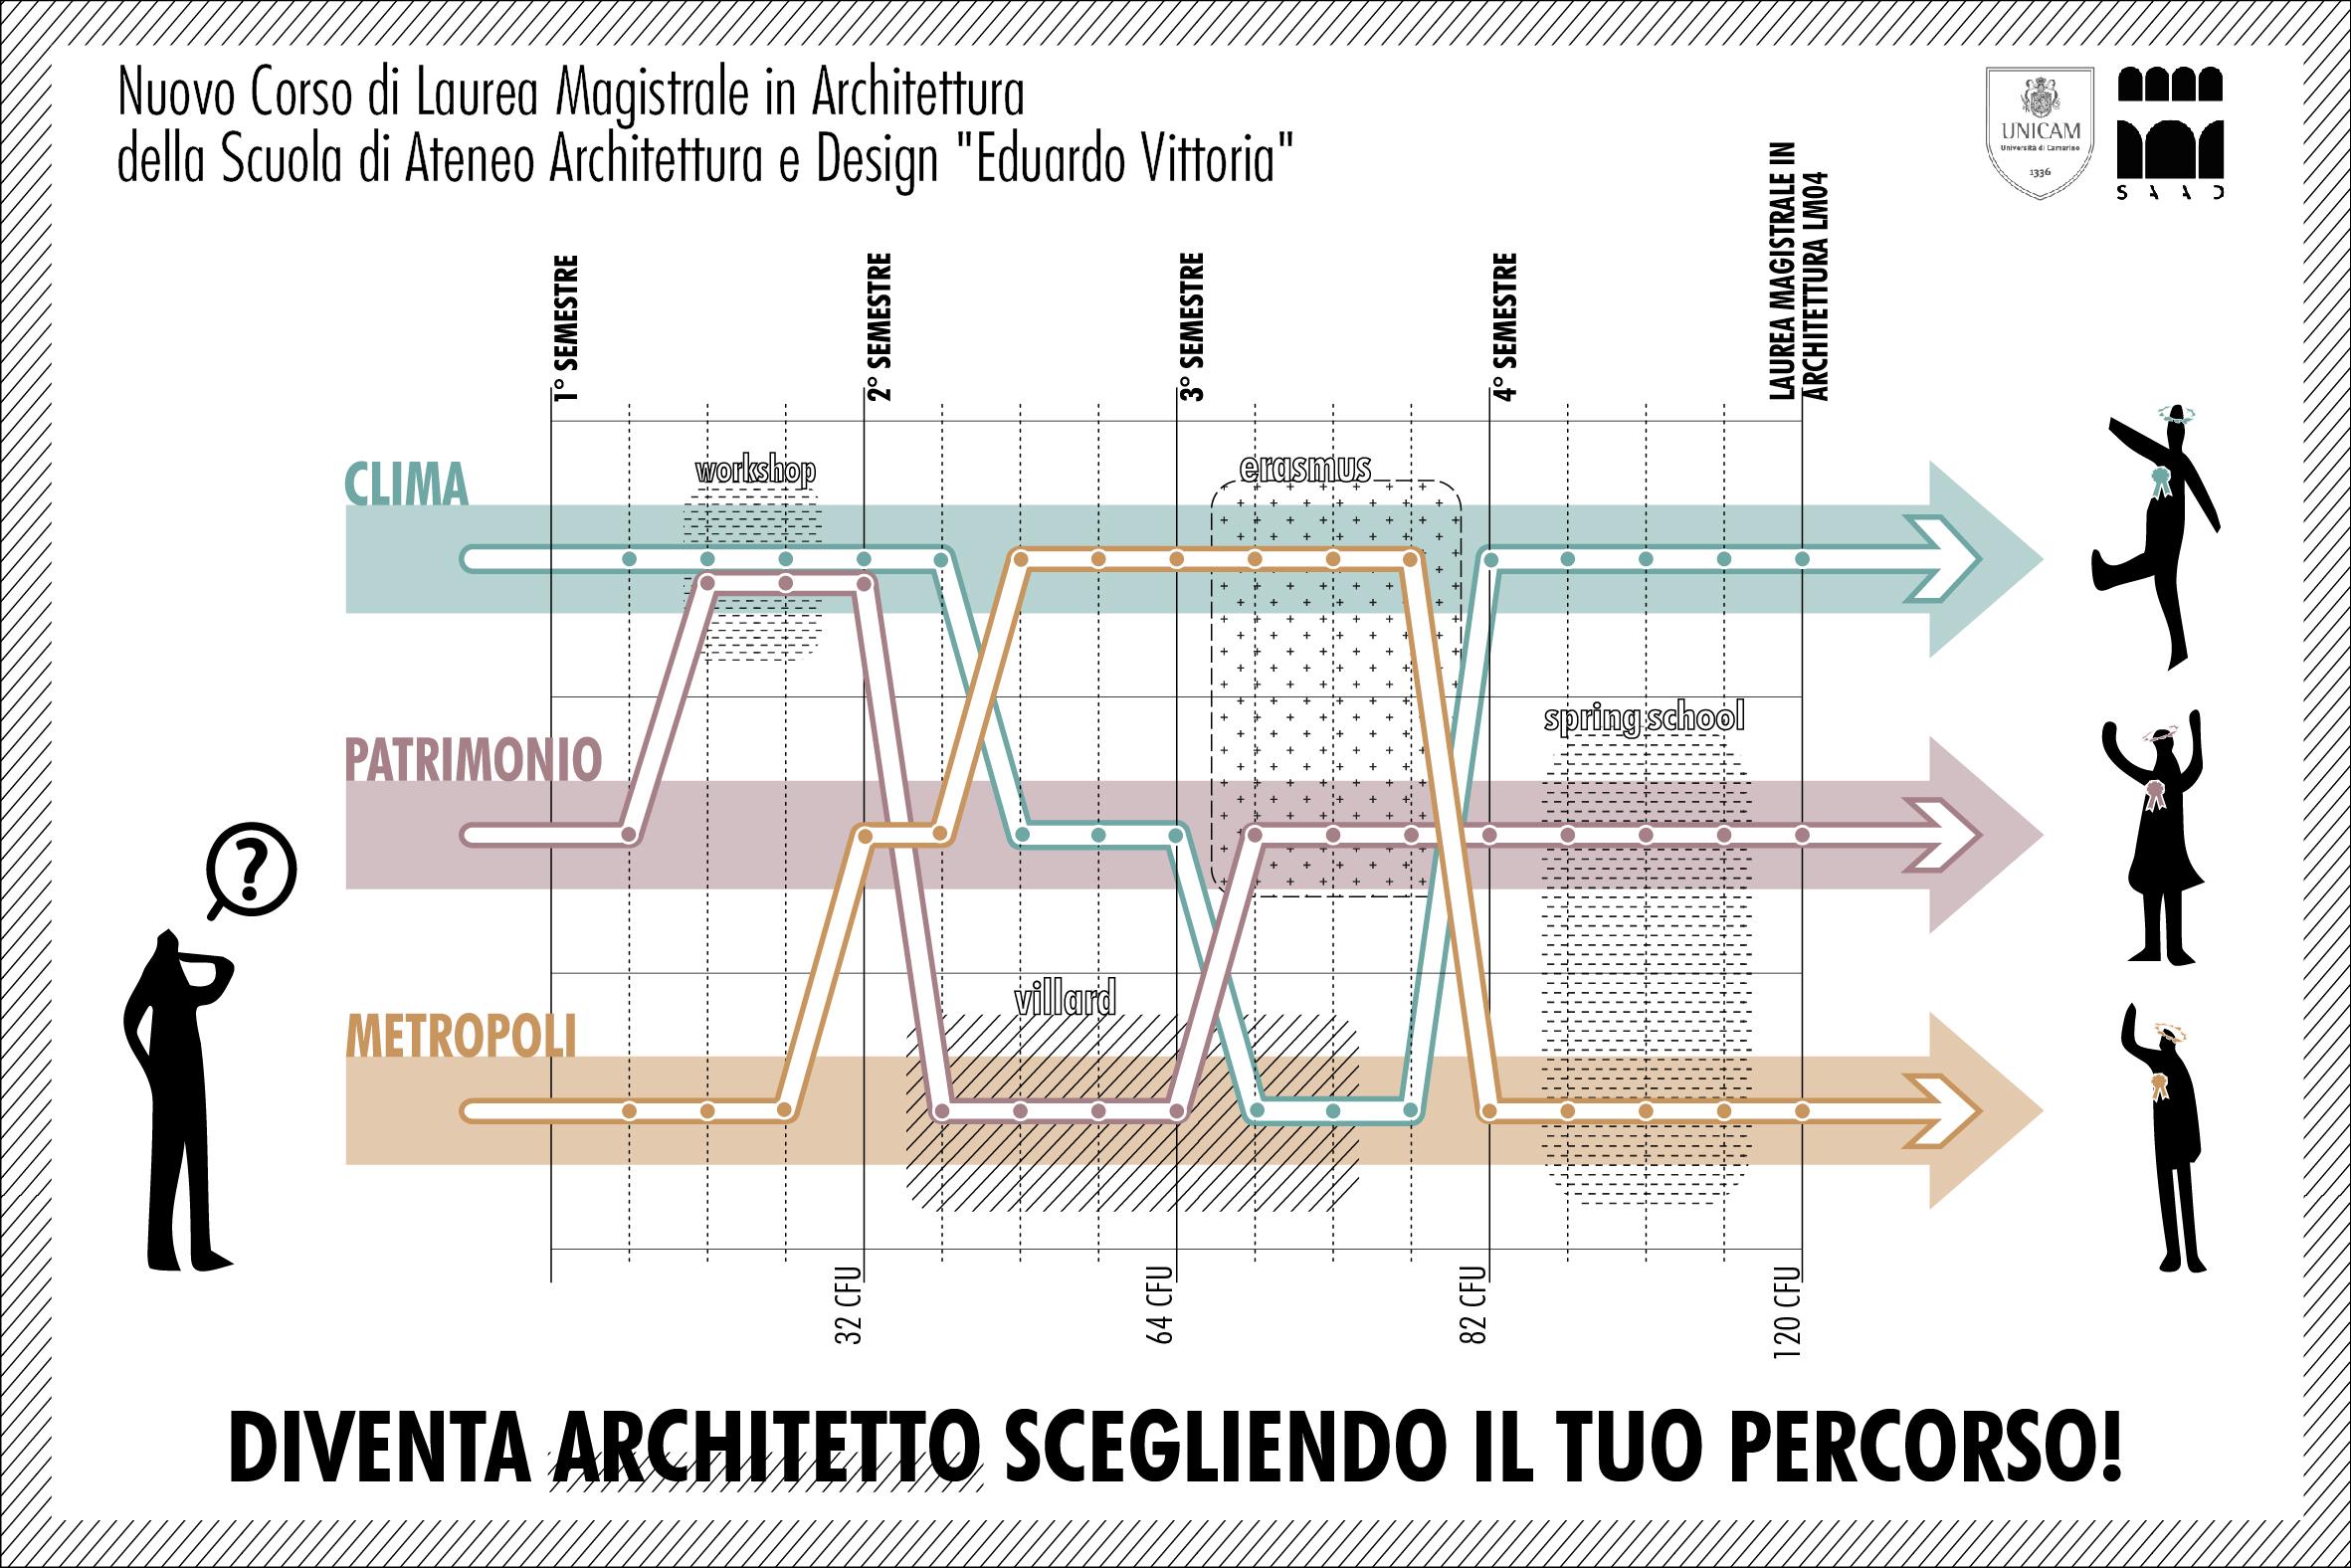 Cartolina Magistrale Architettura_UNICAM_fronte.jpg